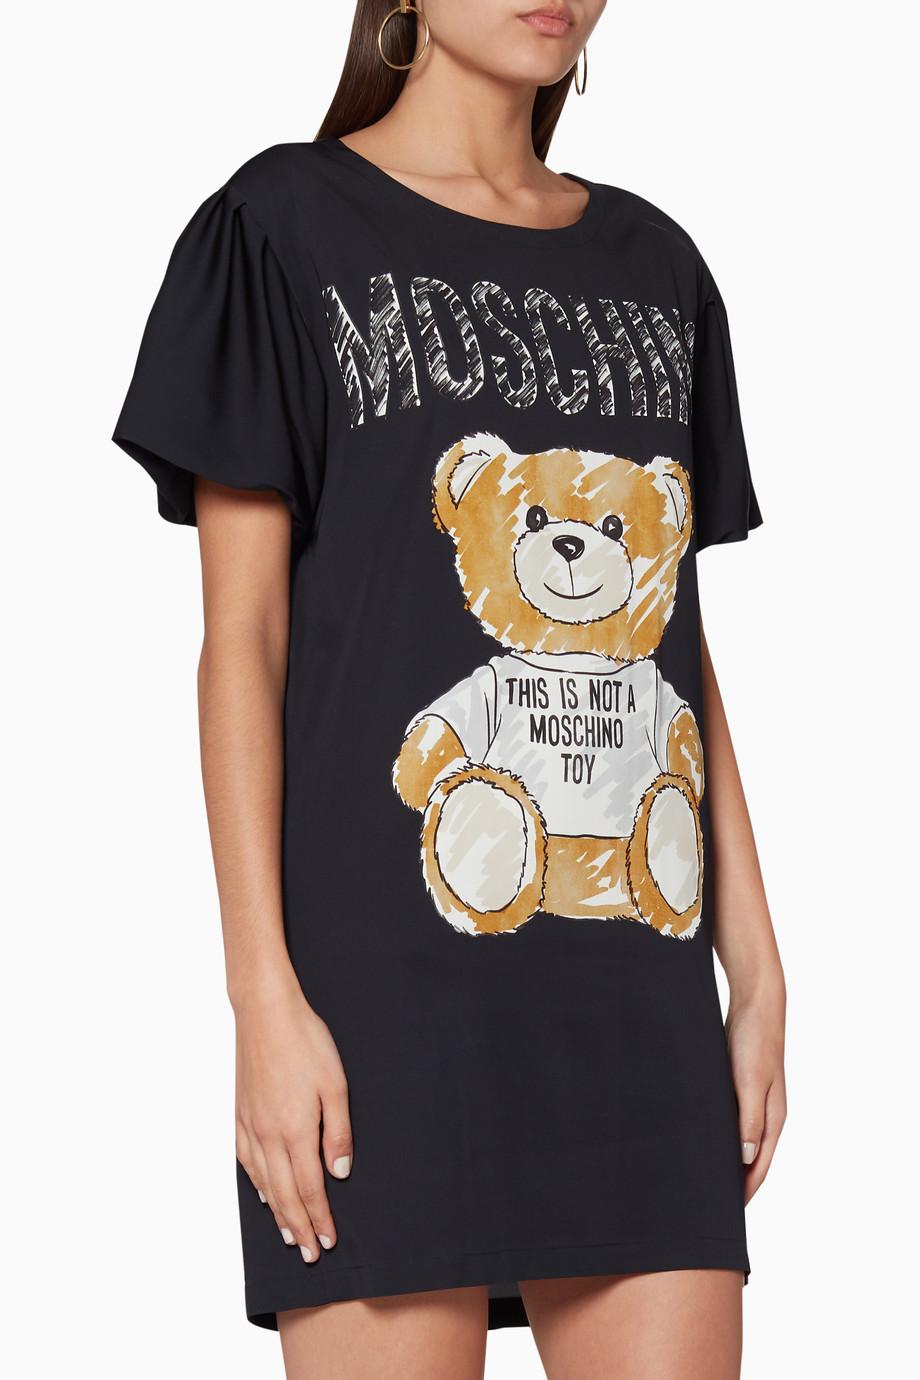 5183285b61aac Shop Moschino Black Teddy Print T-Shirt Dress for Women | Ounass Kuwait